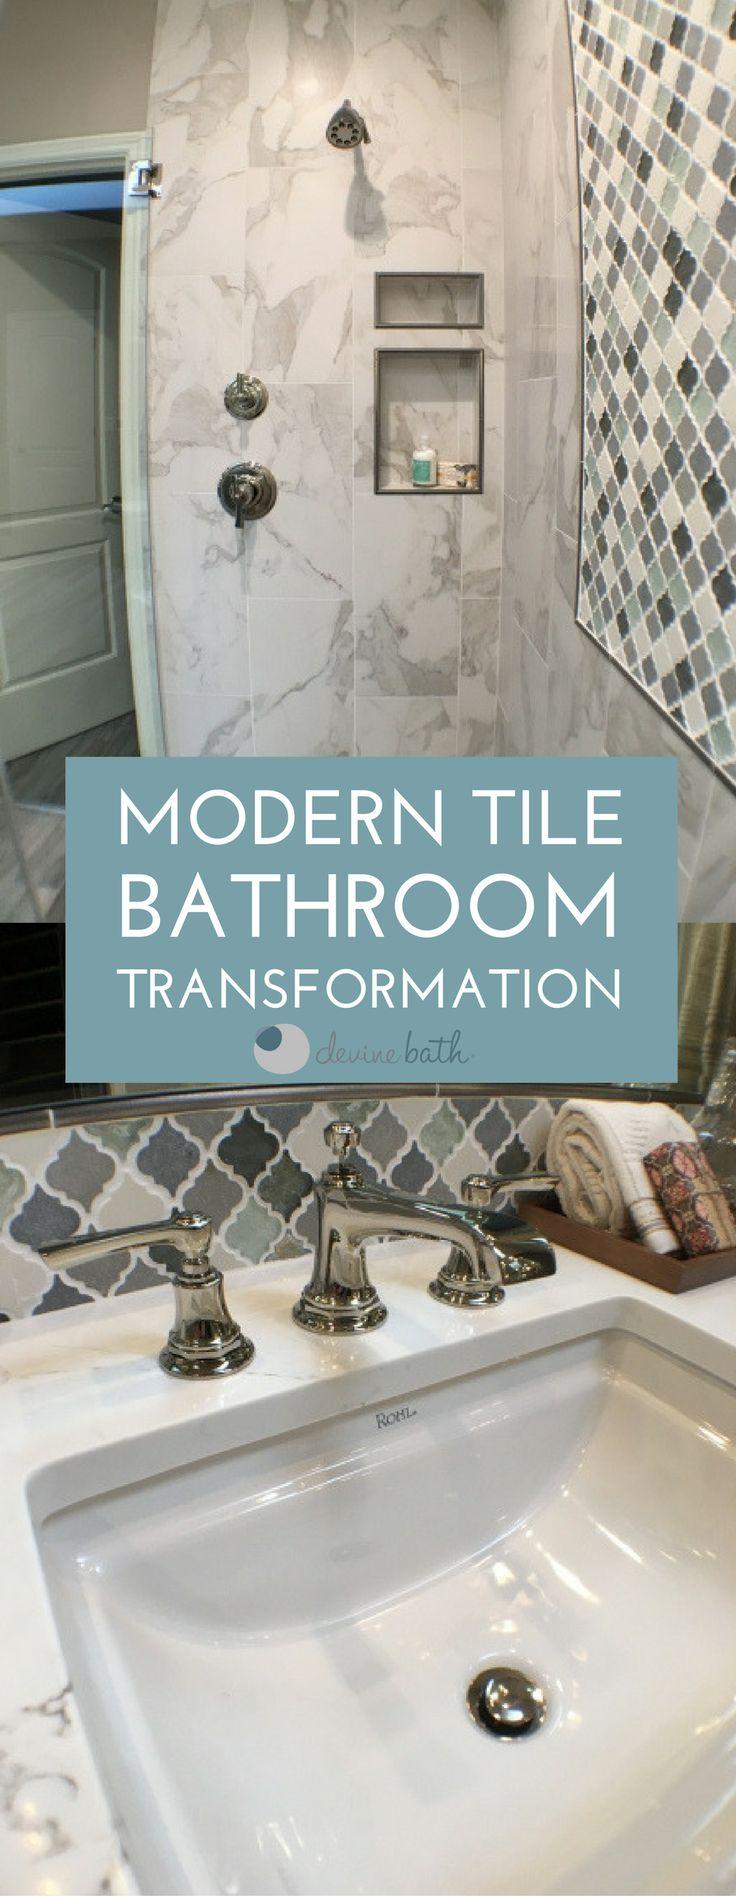 59 best Bathroom Tile images on Pinterest | Bathroom tiling ...